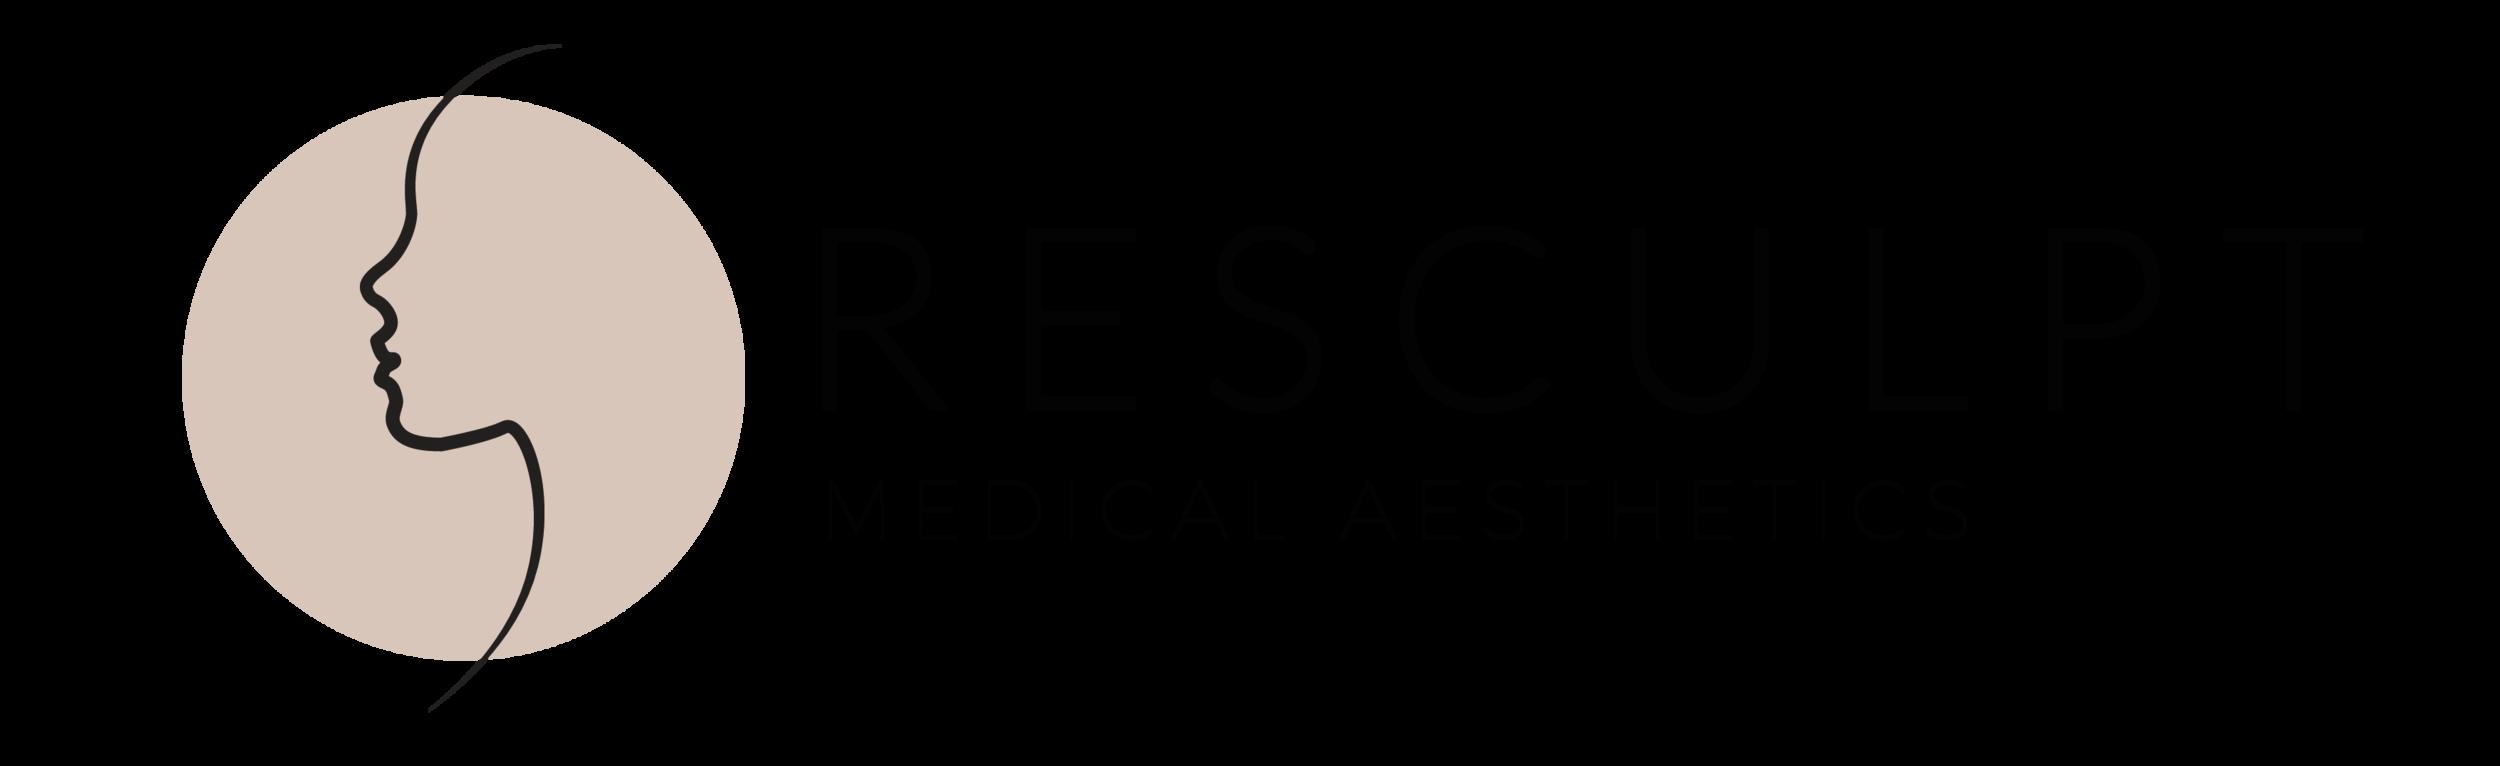 Resculpt-Medicial-Aesthetics-logo-01.png